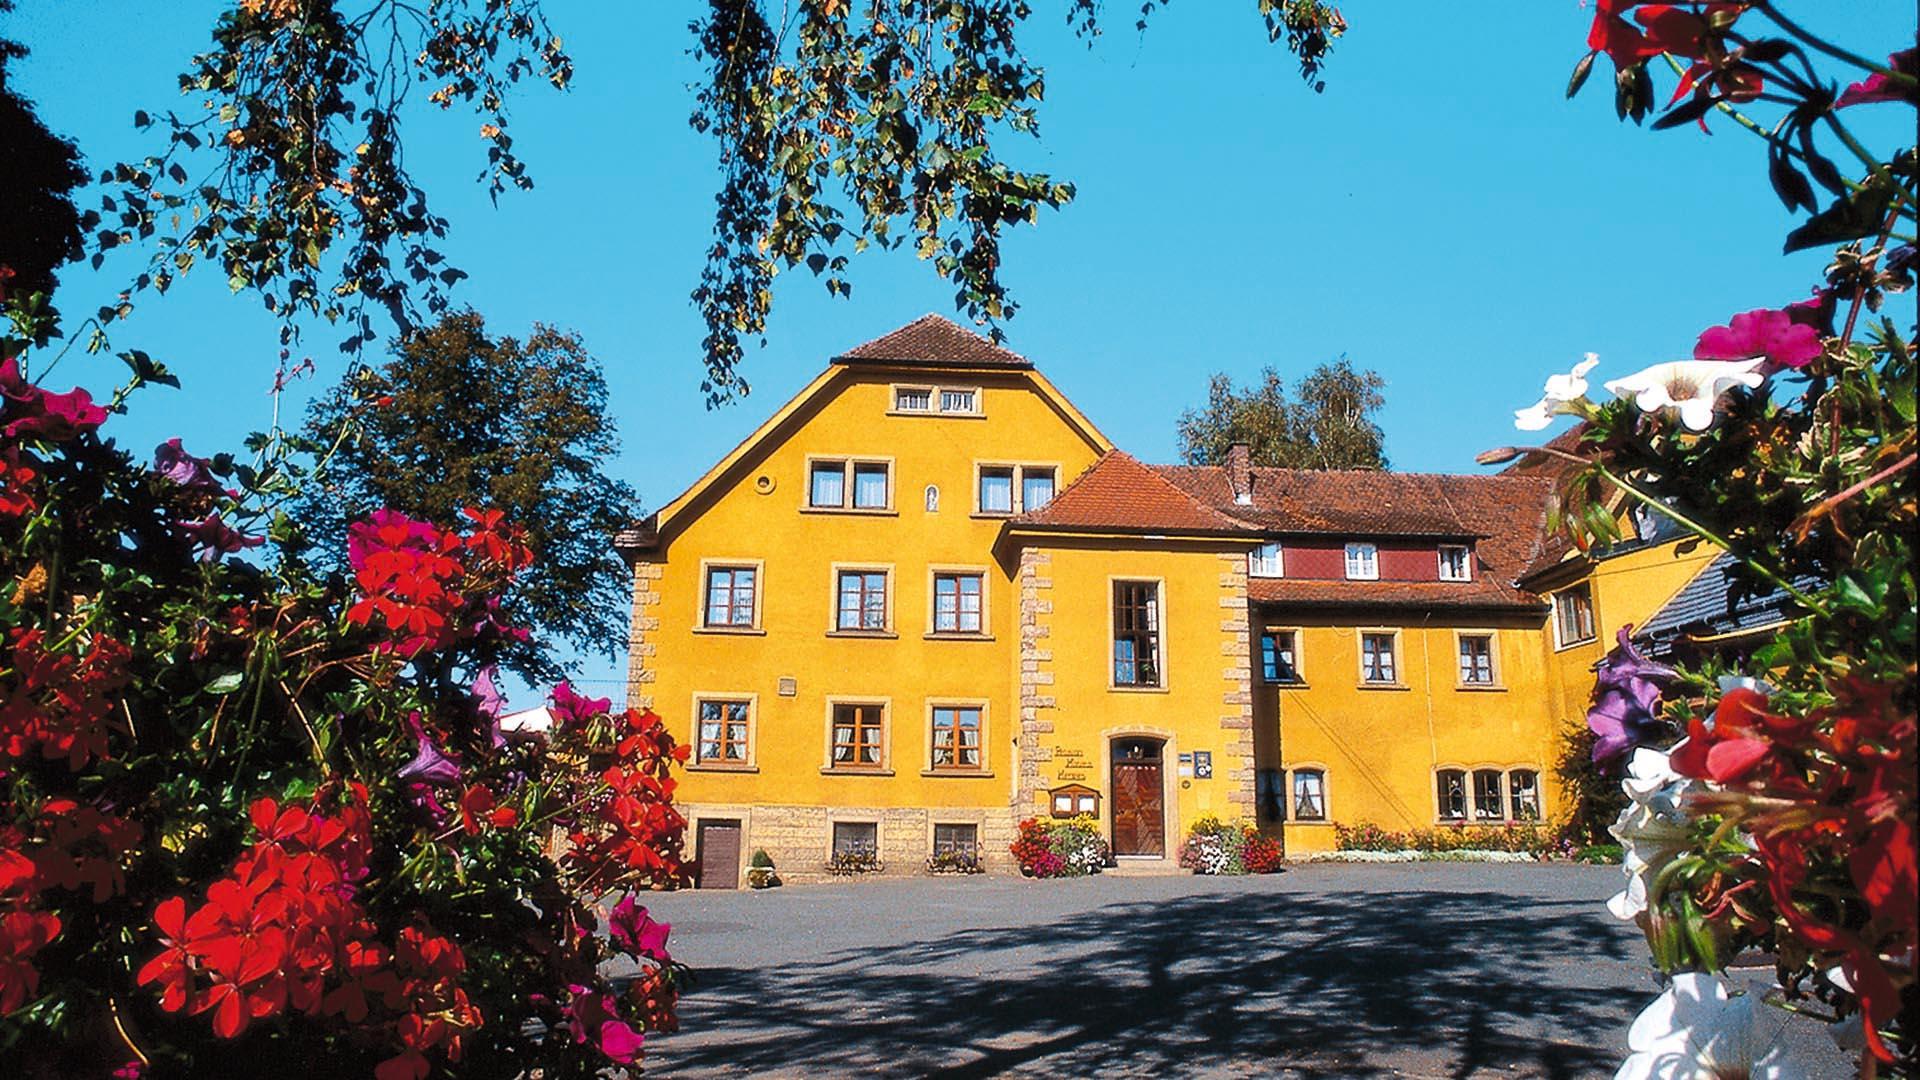 tourenfahrer hotels landgasthof haueis frankenwald deutschland. Black Bedroom Furniture Sets. Home Design Ideas